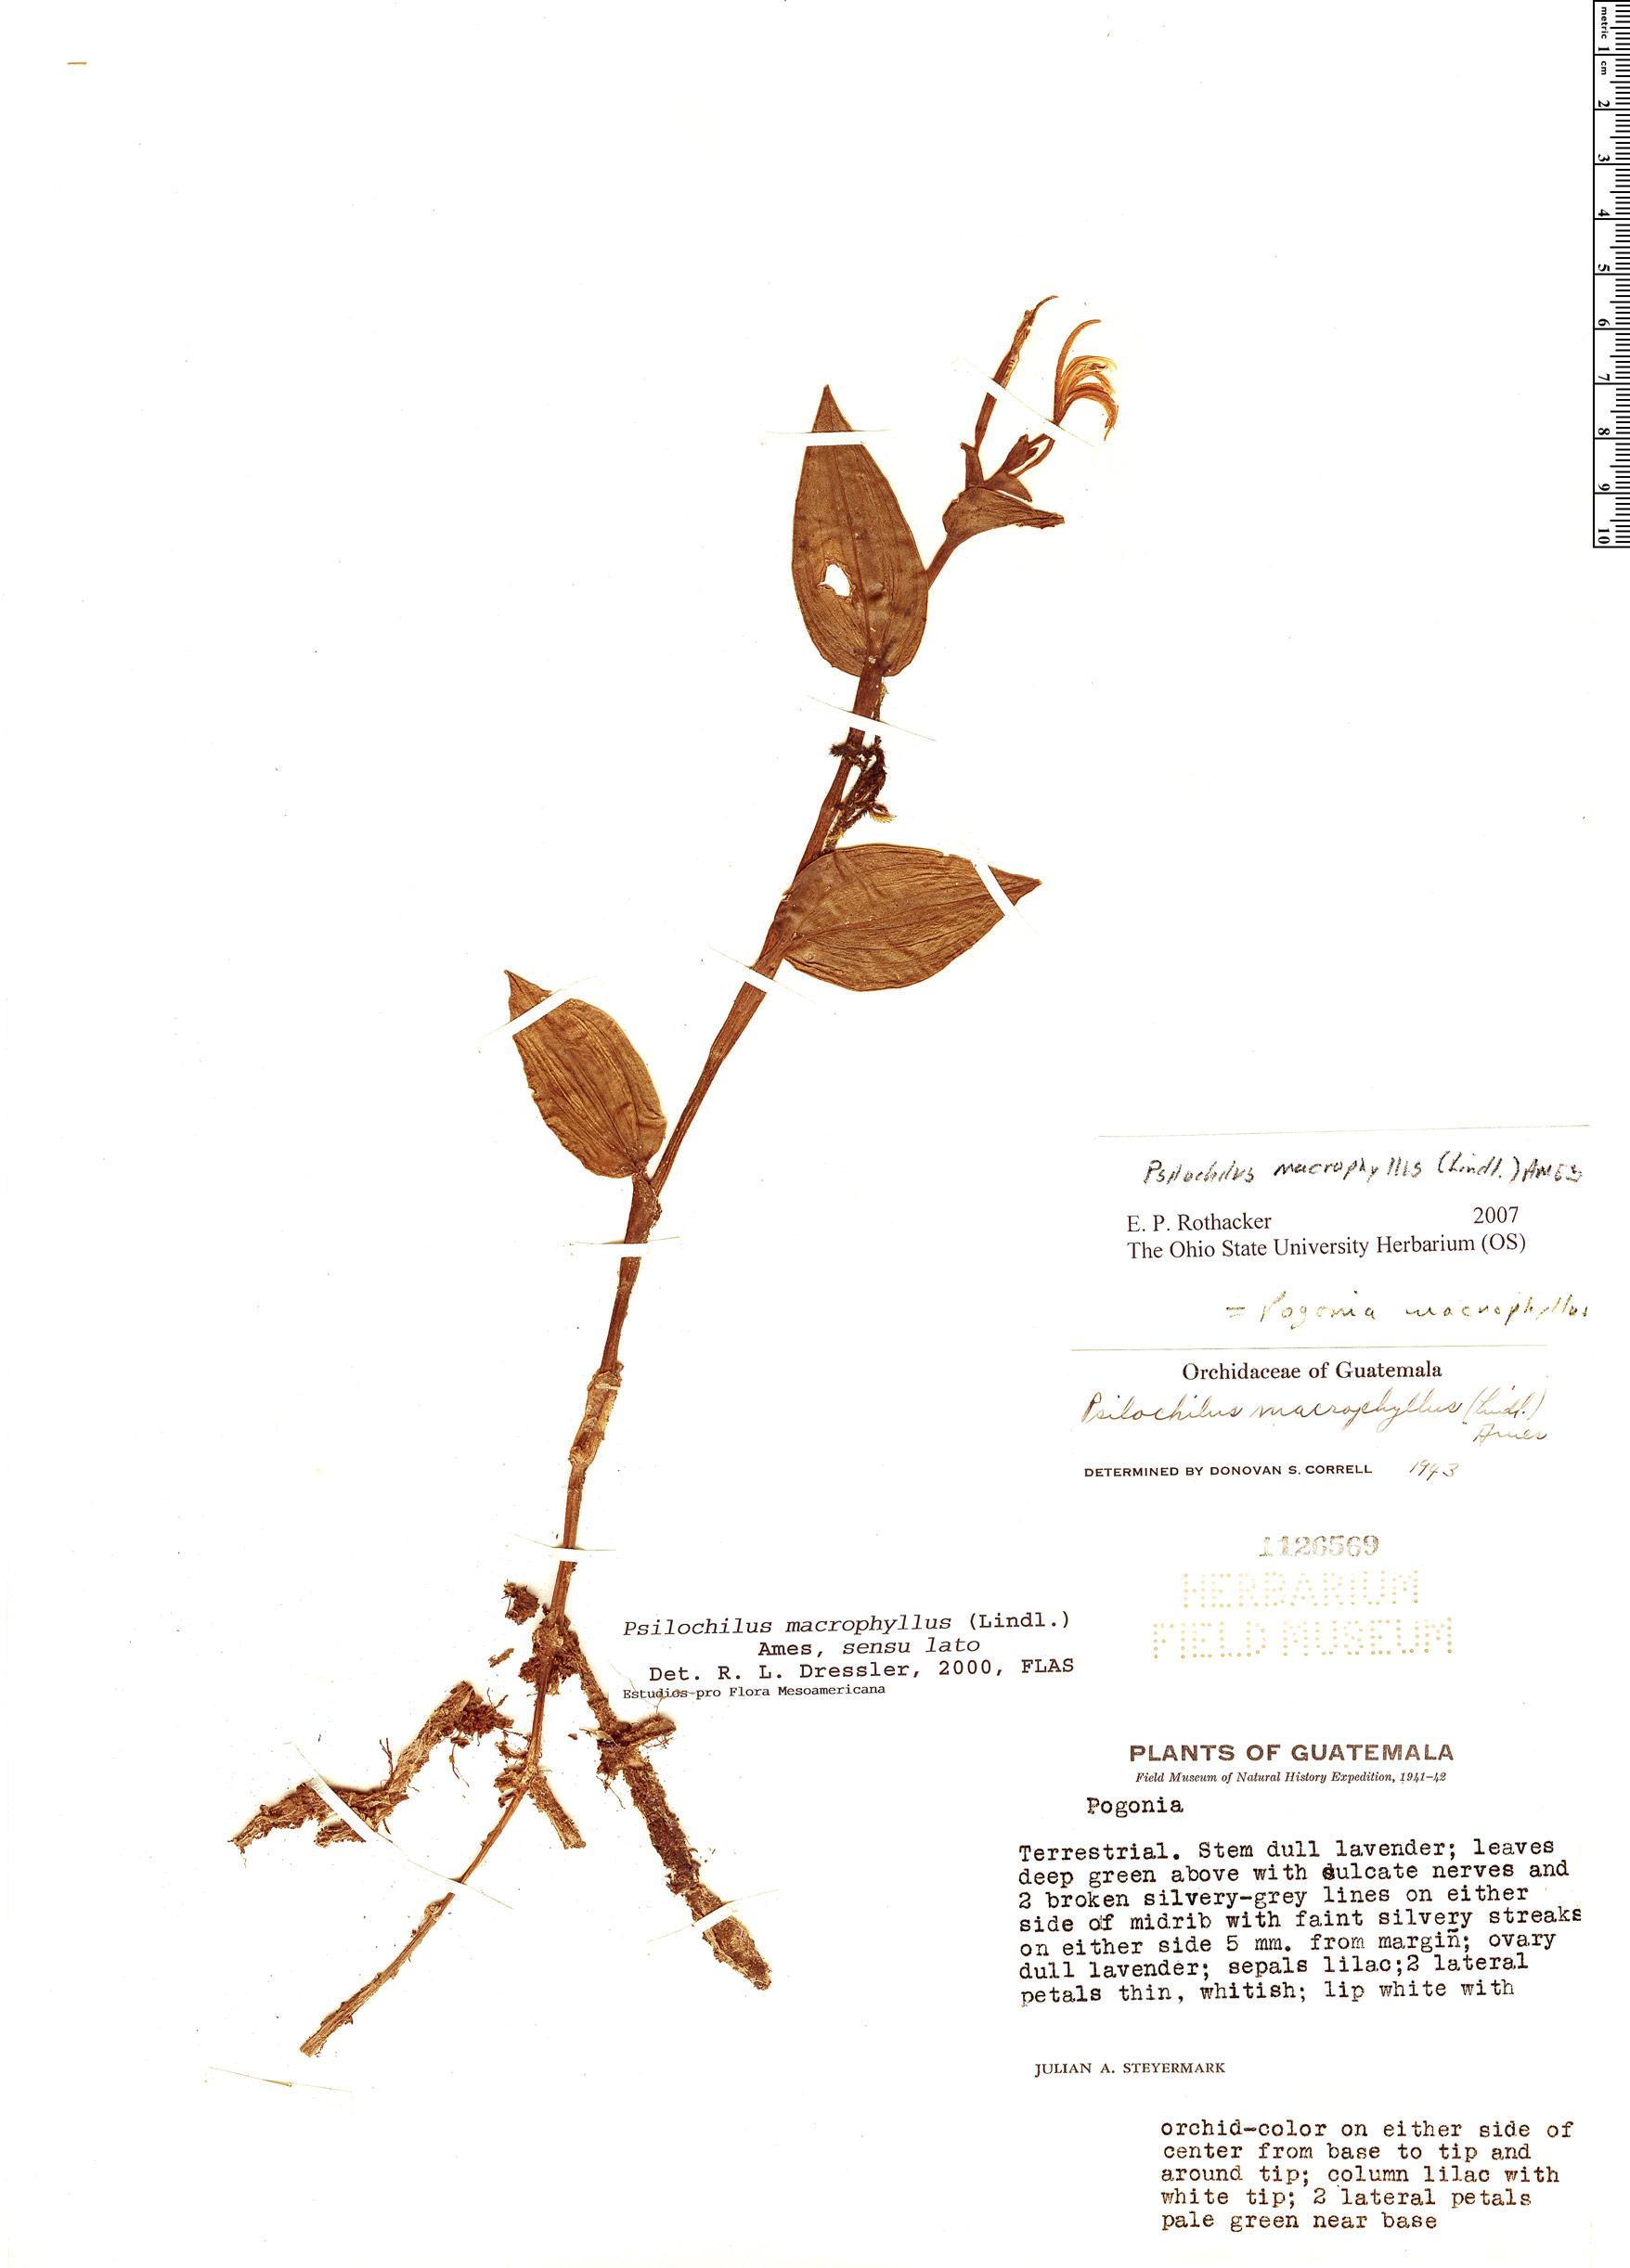 Specimen: Psilochilus macrophyllus